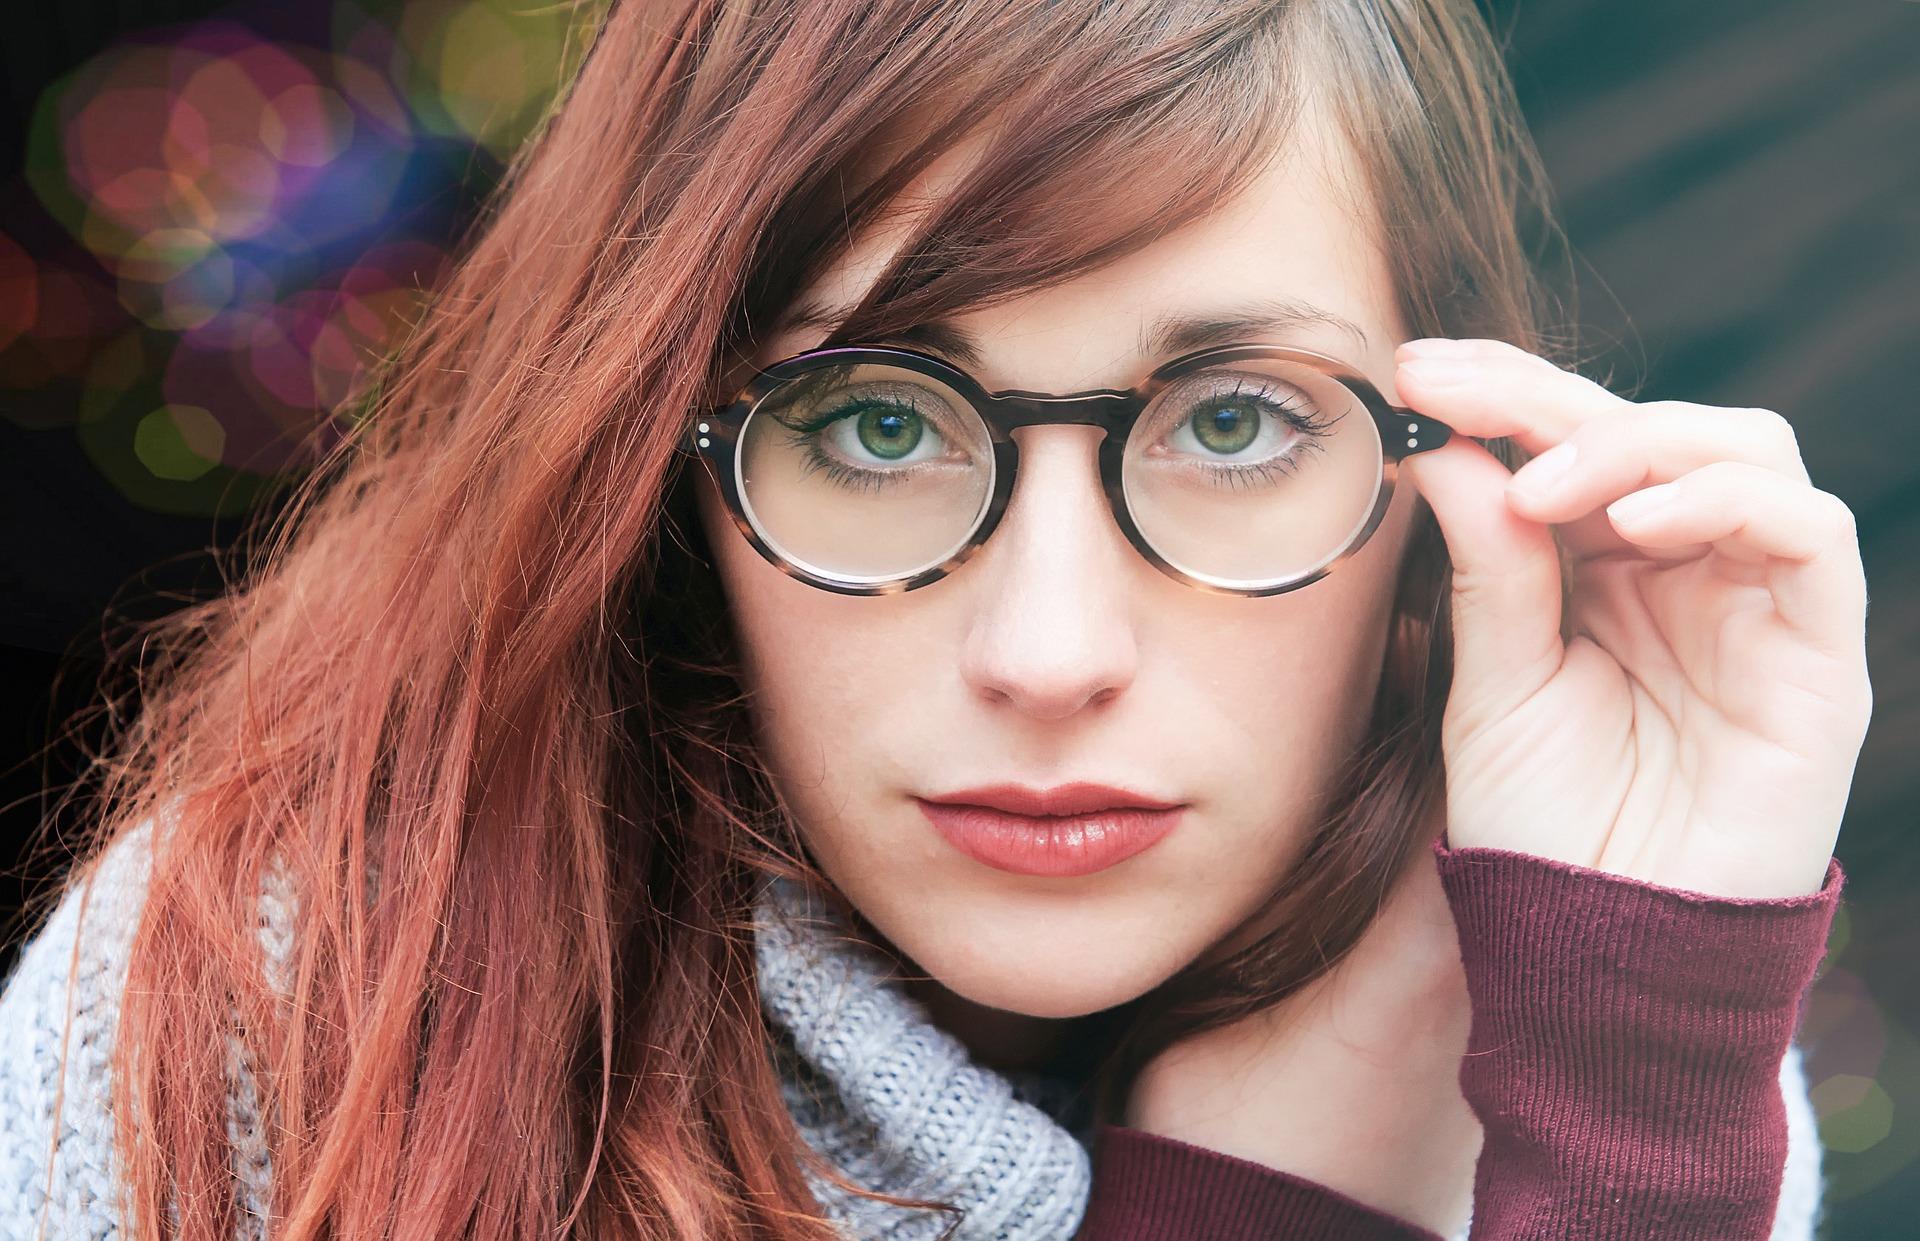 メガネに似合う髪型とは?ボブやショートなどピッタリなヘアアレンジまとめ!